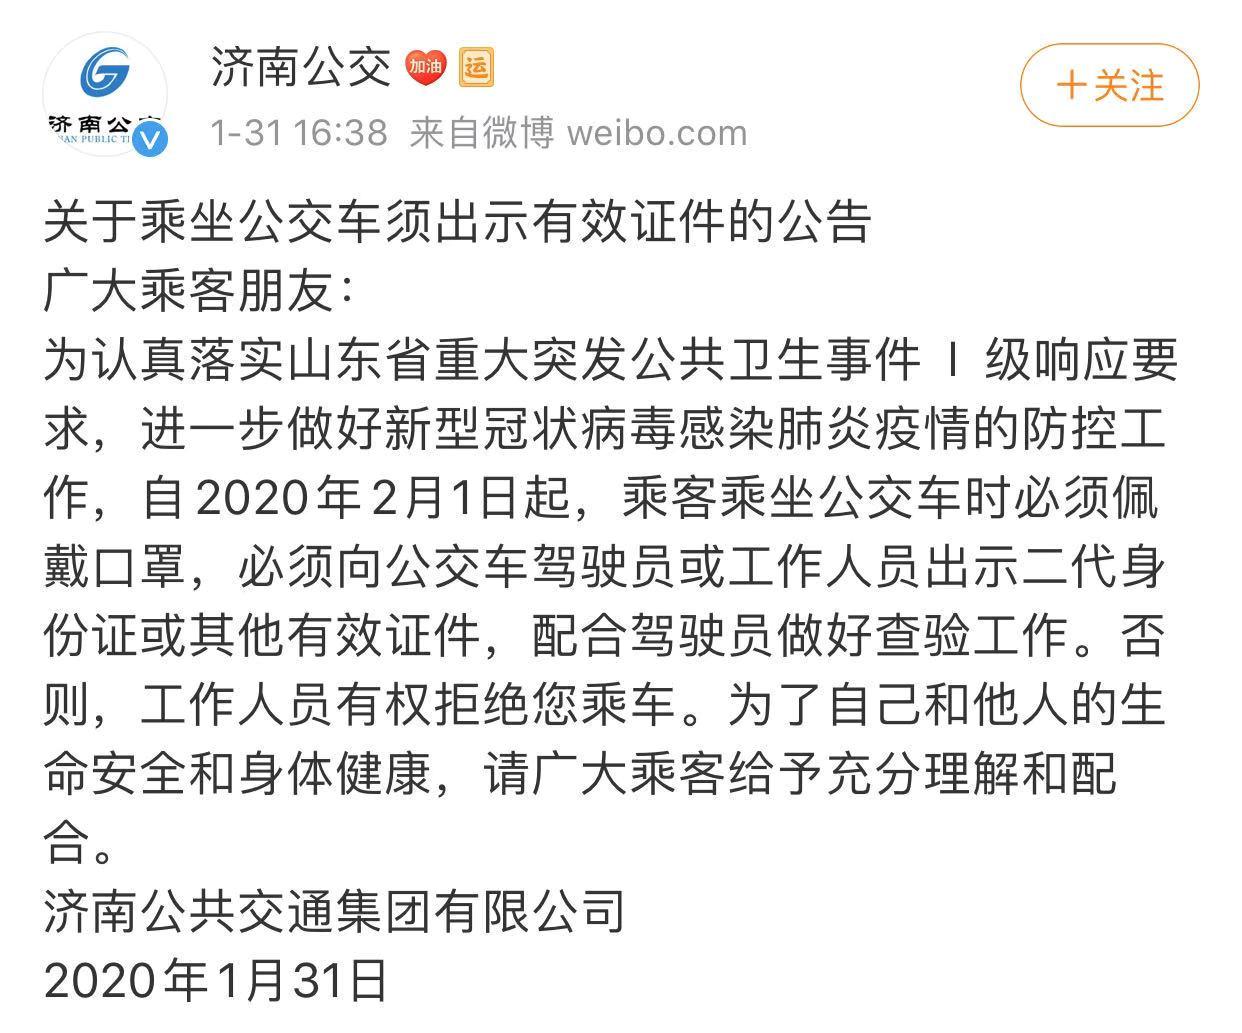 山东济南:2月1日起乘坐公交车须出示有效证件